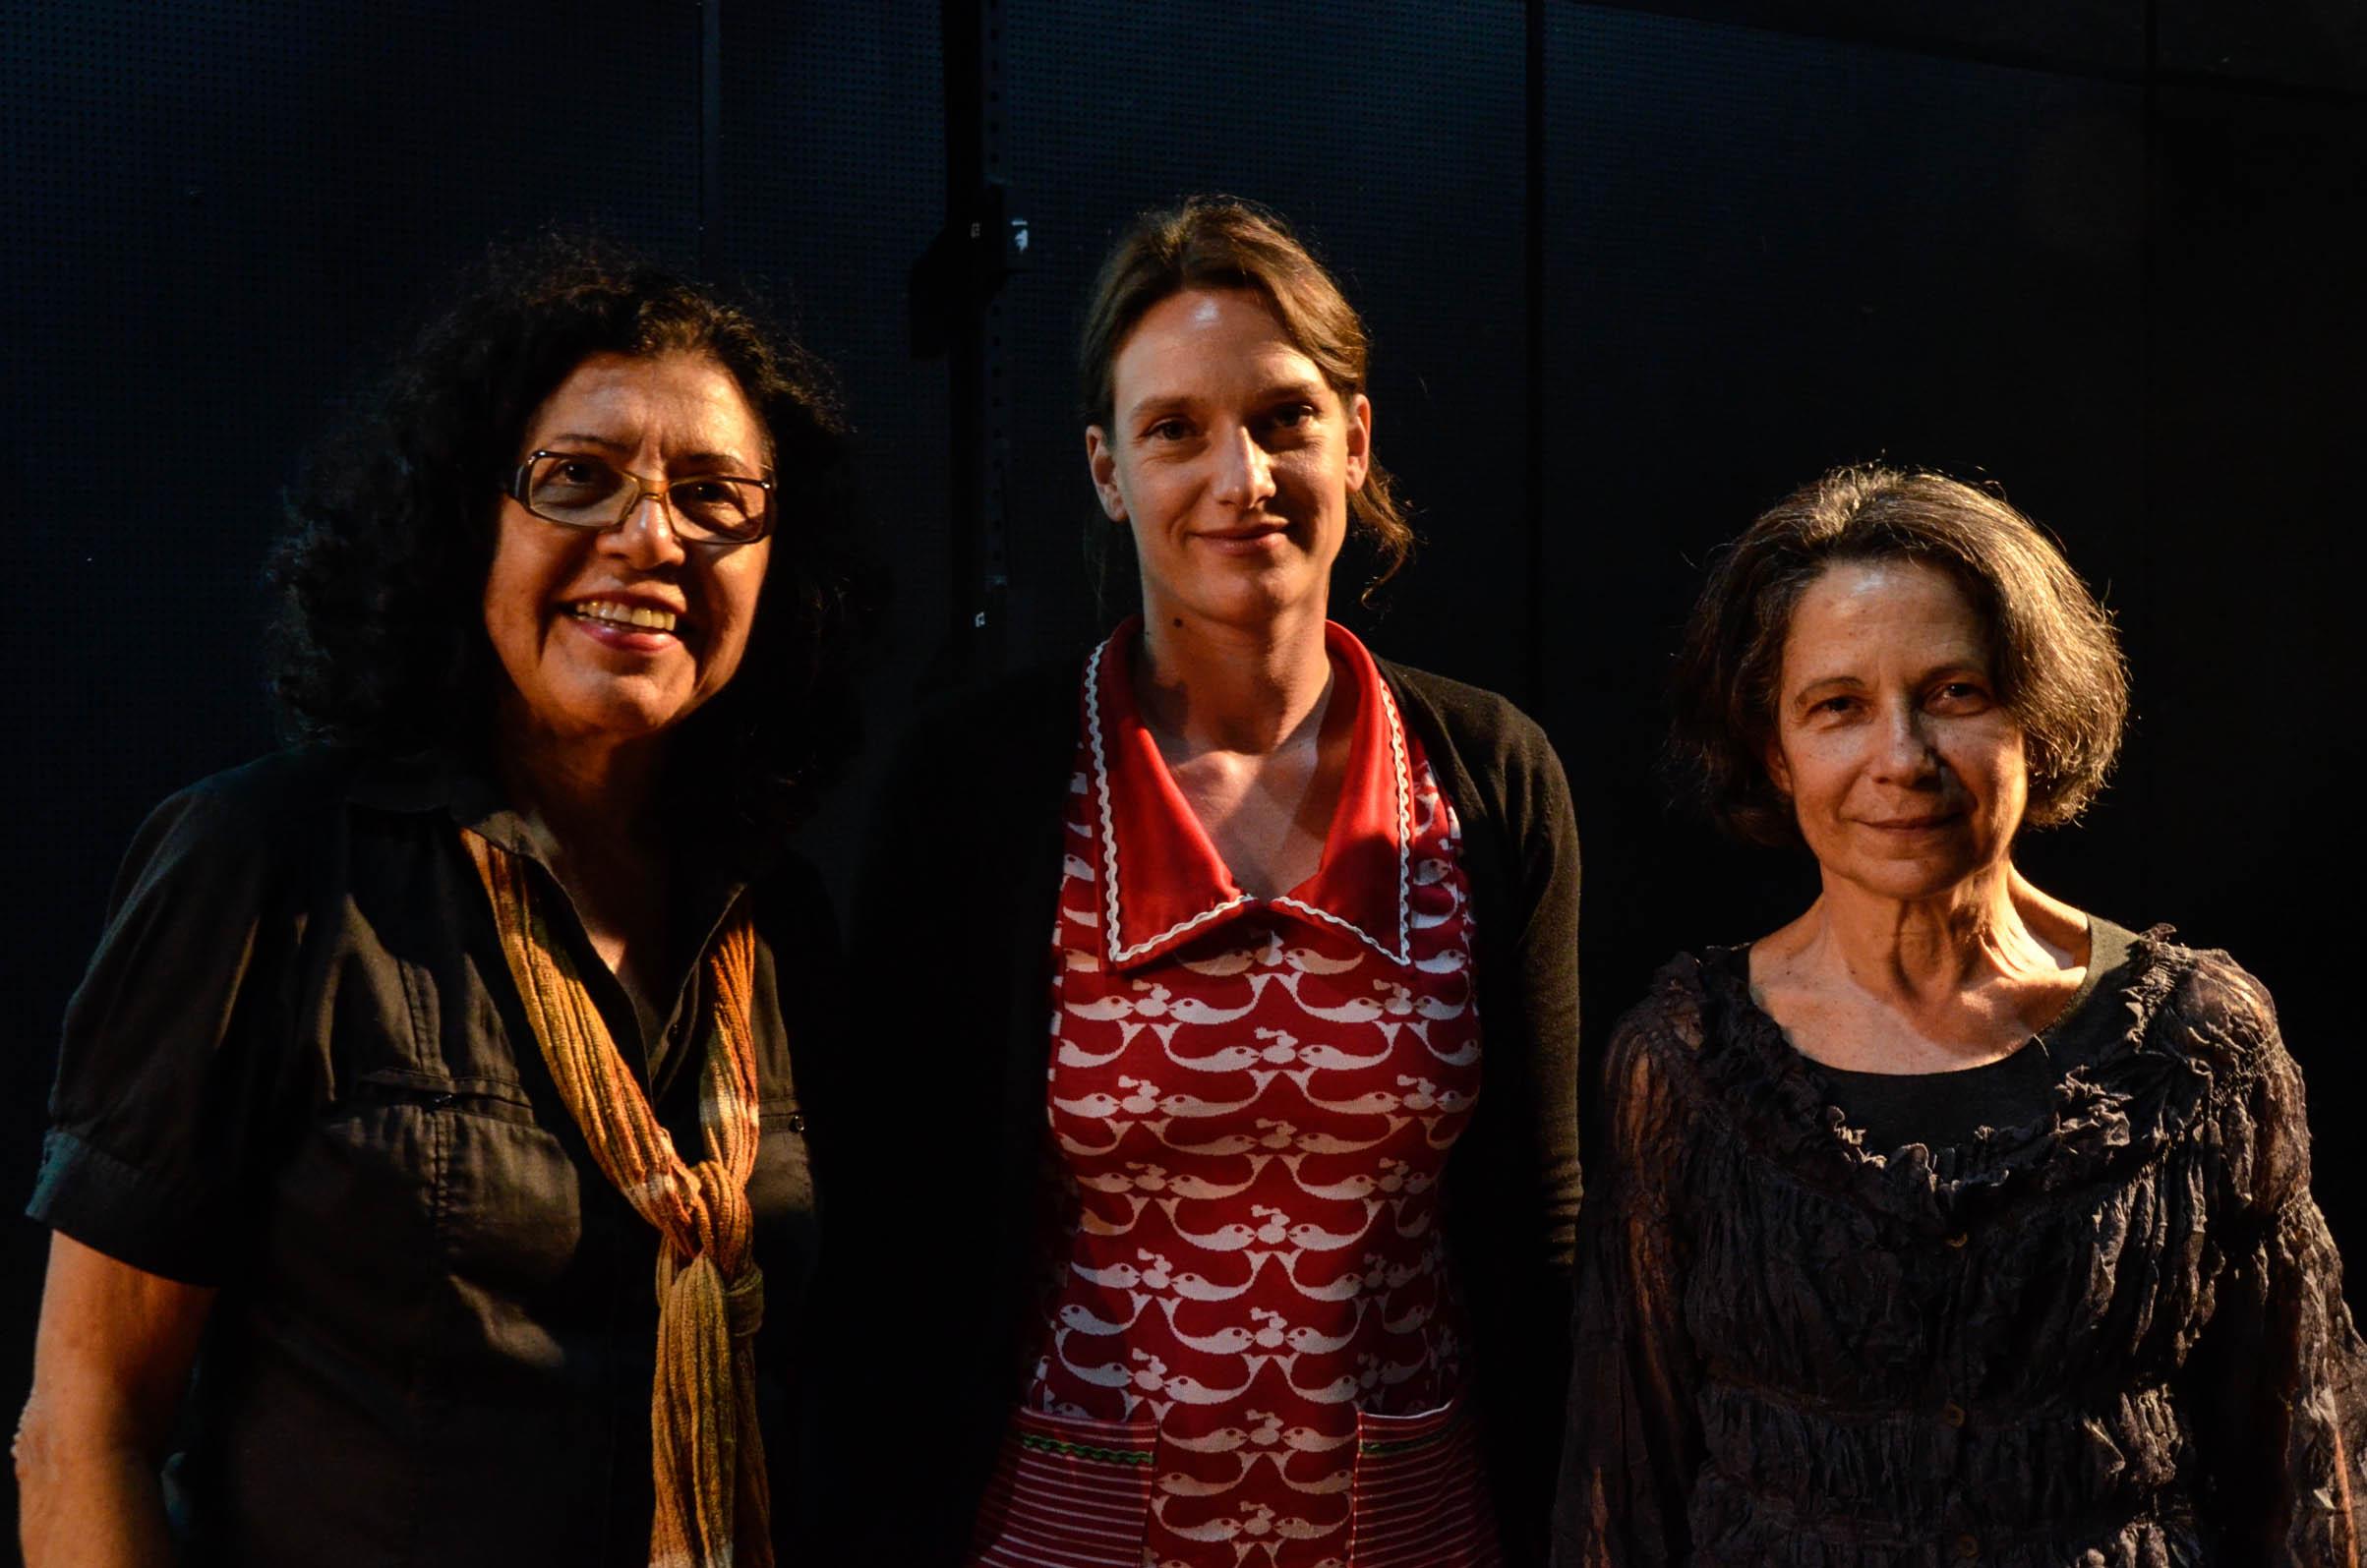 A idealizadora do Conexão Dança Alemha-Bahia, Carmen Paternostro, ao lado das palestrantes Yvonne Hardt e Helena Katz, jornalista e professora da PUC-SP. Foto: Virgínia Andrade